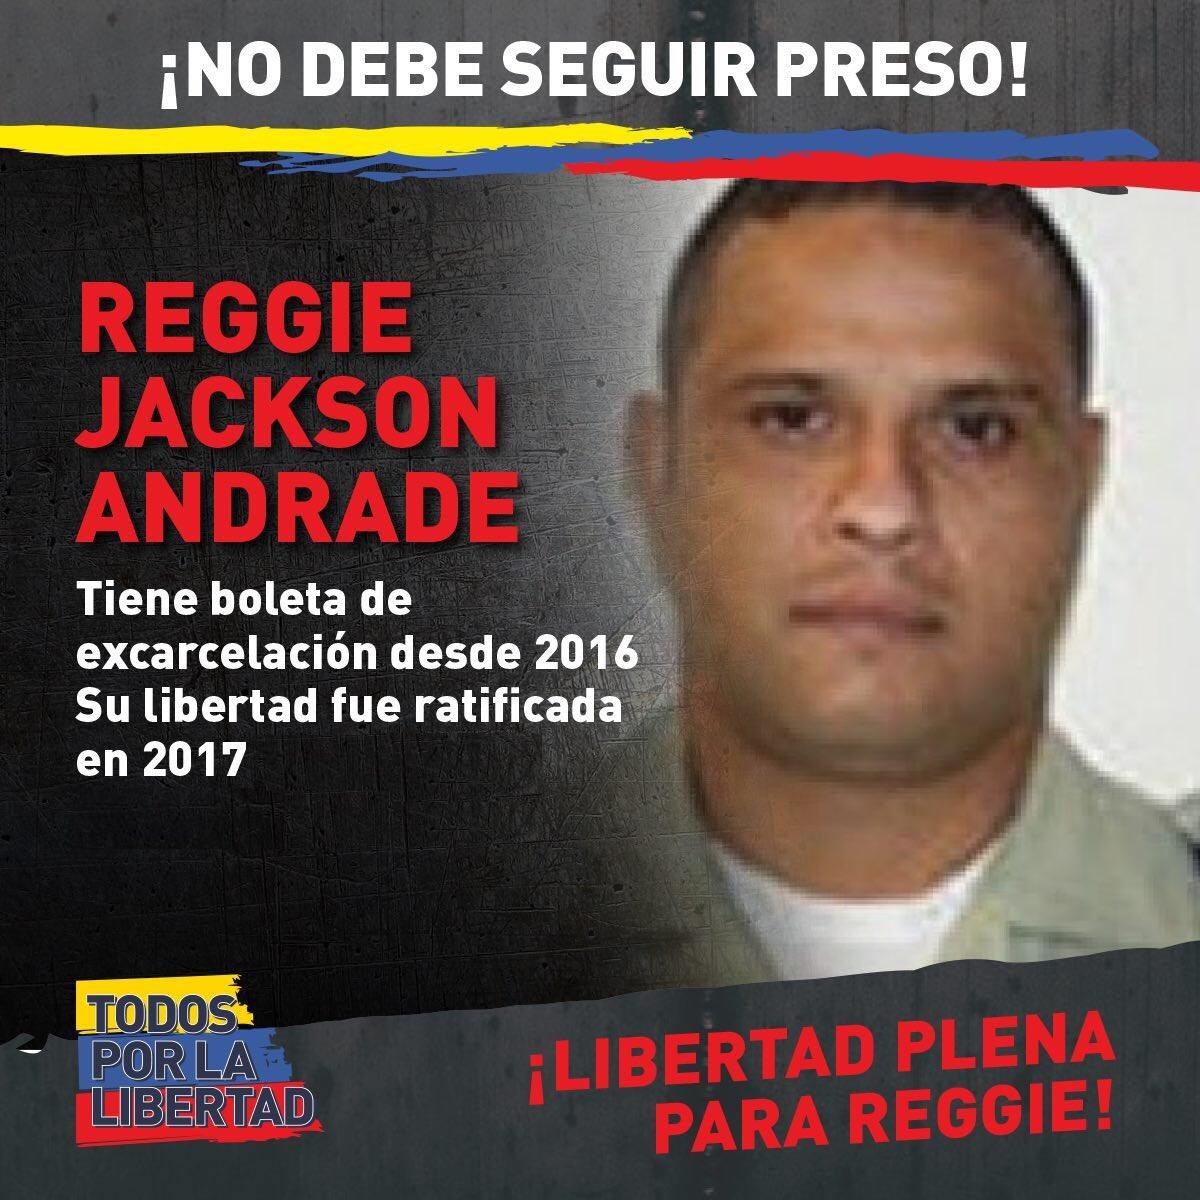 Fred Mavares y Reggie Andrade tienen 2 años con boleta de excarcelación pero siguen detenidos y fueron llevados a la cárcel 26 de Julio. Ellos son policías de Chacao honestos, no delincuentes ¡Exigimos justicia y libertad! #LiberenALosPolicías